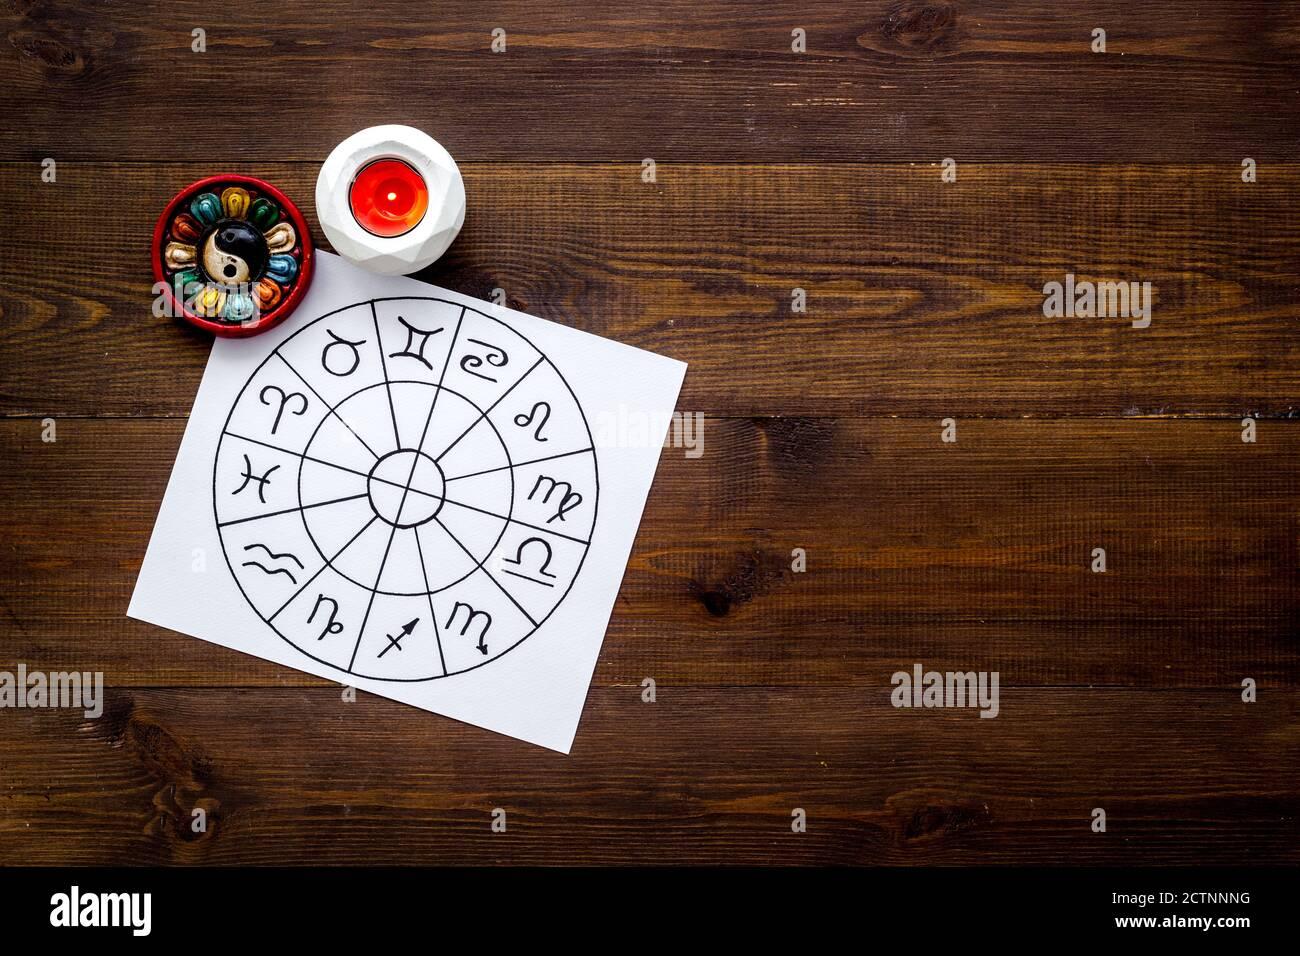 Horoscope wheel of zodiac symbols on work place Stock Photo